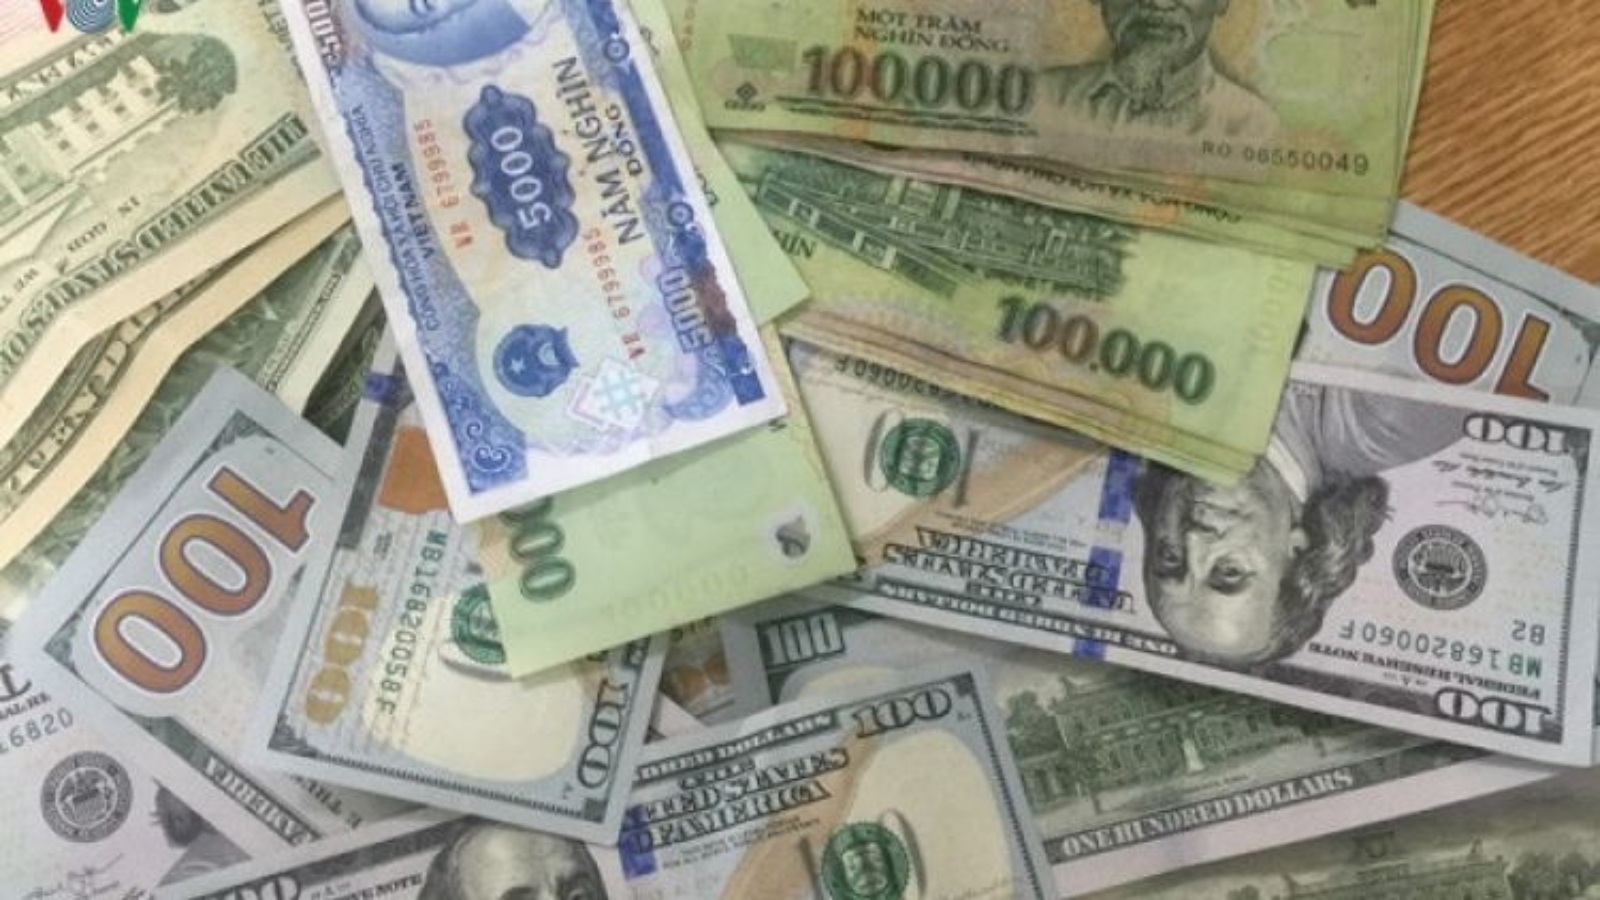 Tỷ giá trung tâm giảm 10 đồng, xuống còn 23.252 VND/USD